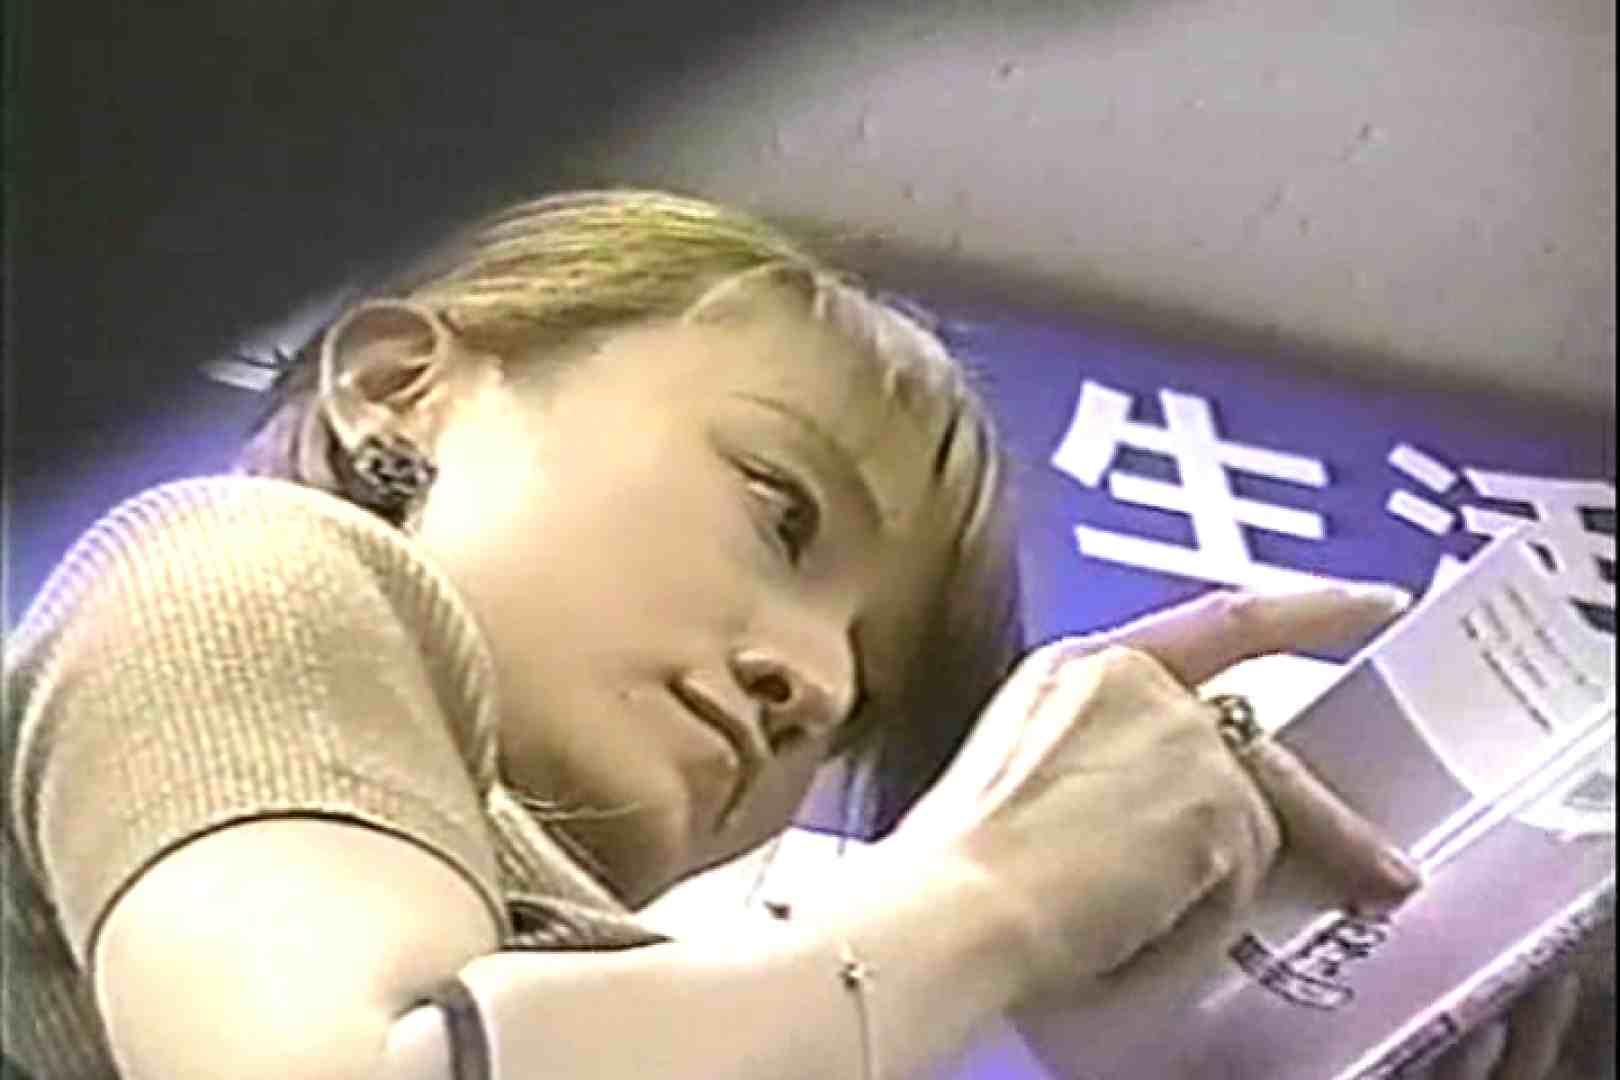 「ちくりん」さんのオリジナル未編集パンチラVol.3_02 盗撮師作品 | 新入生パンチラ  81pic 61